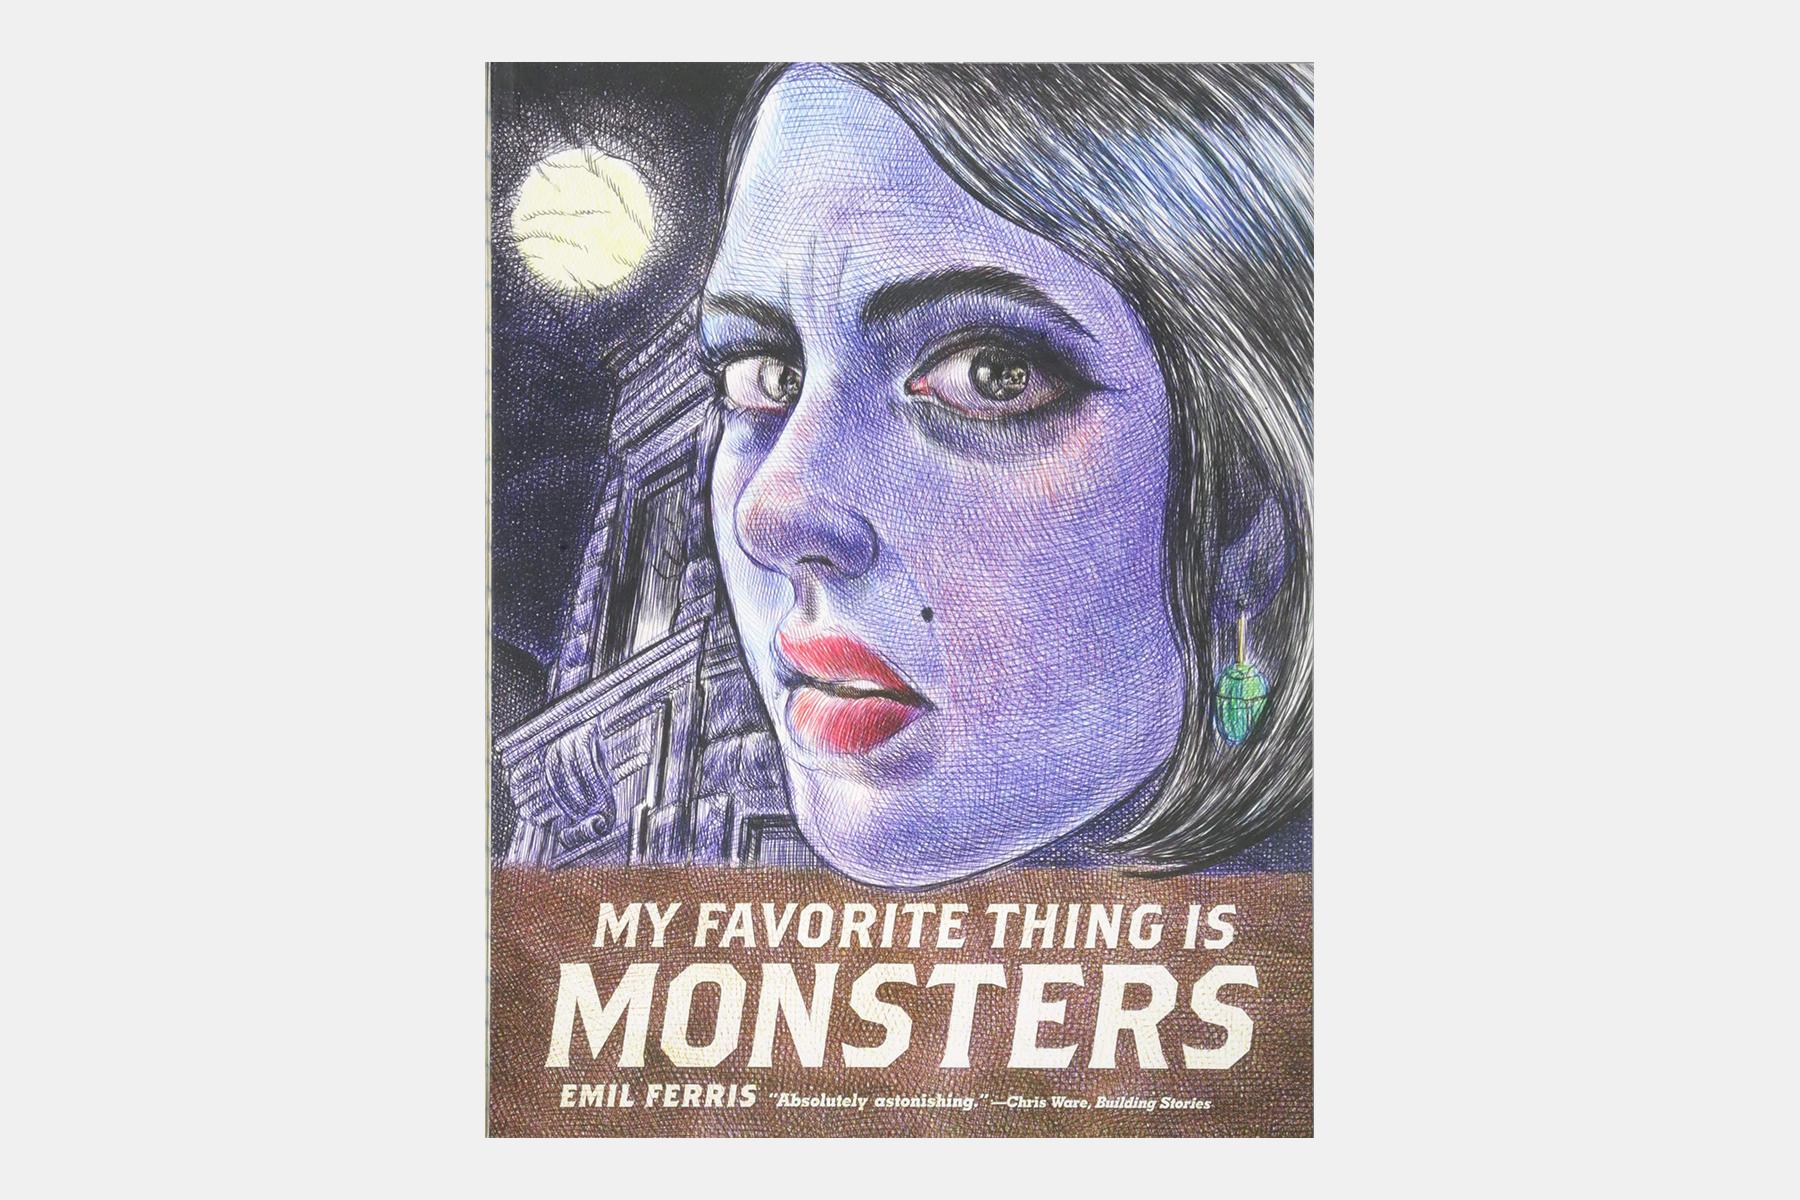 My Favorite Things Is Monsters by Emil Ferris